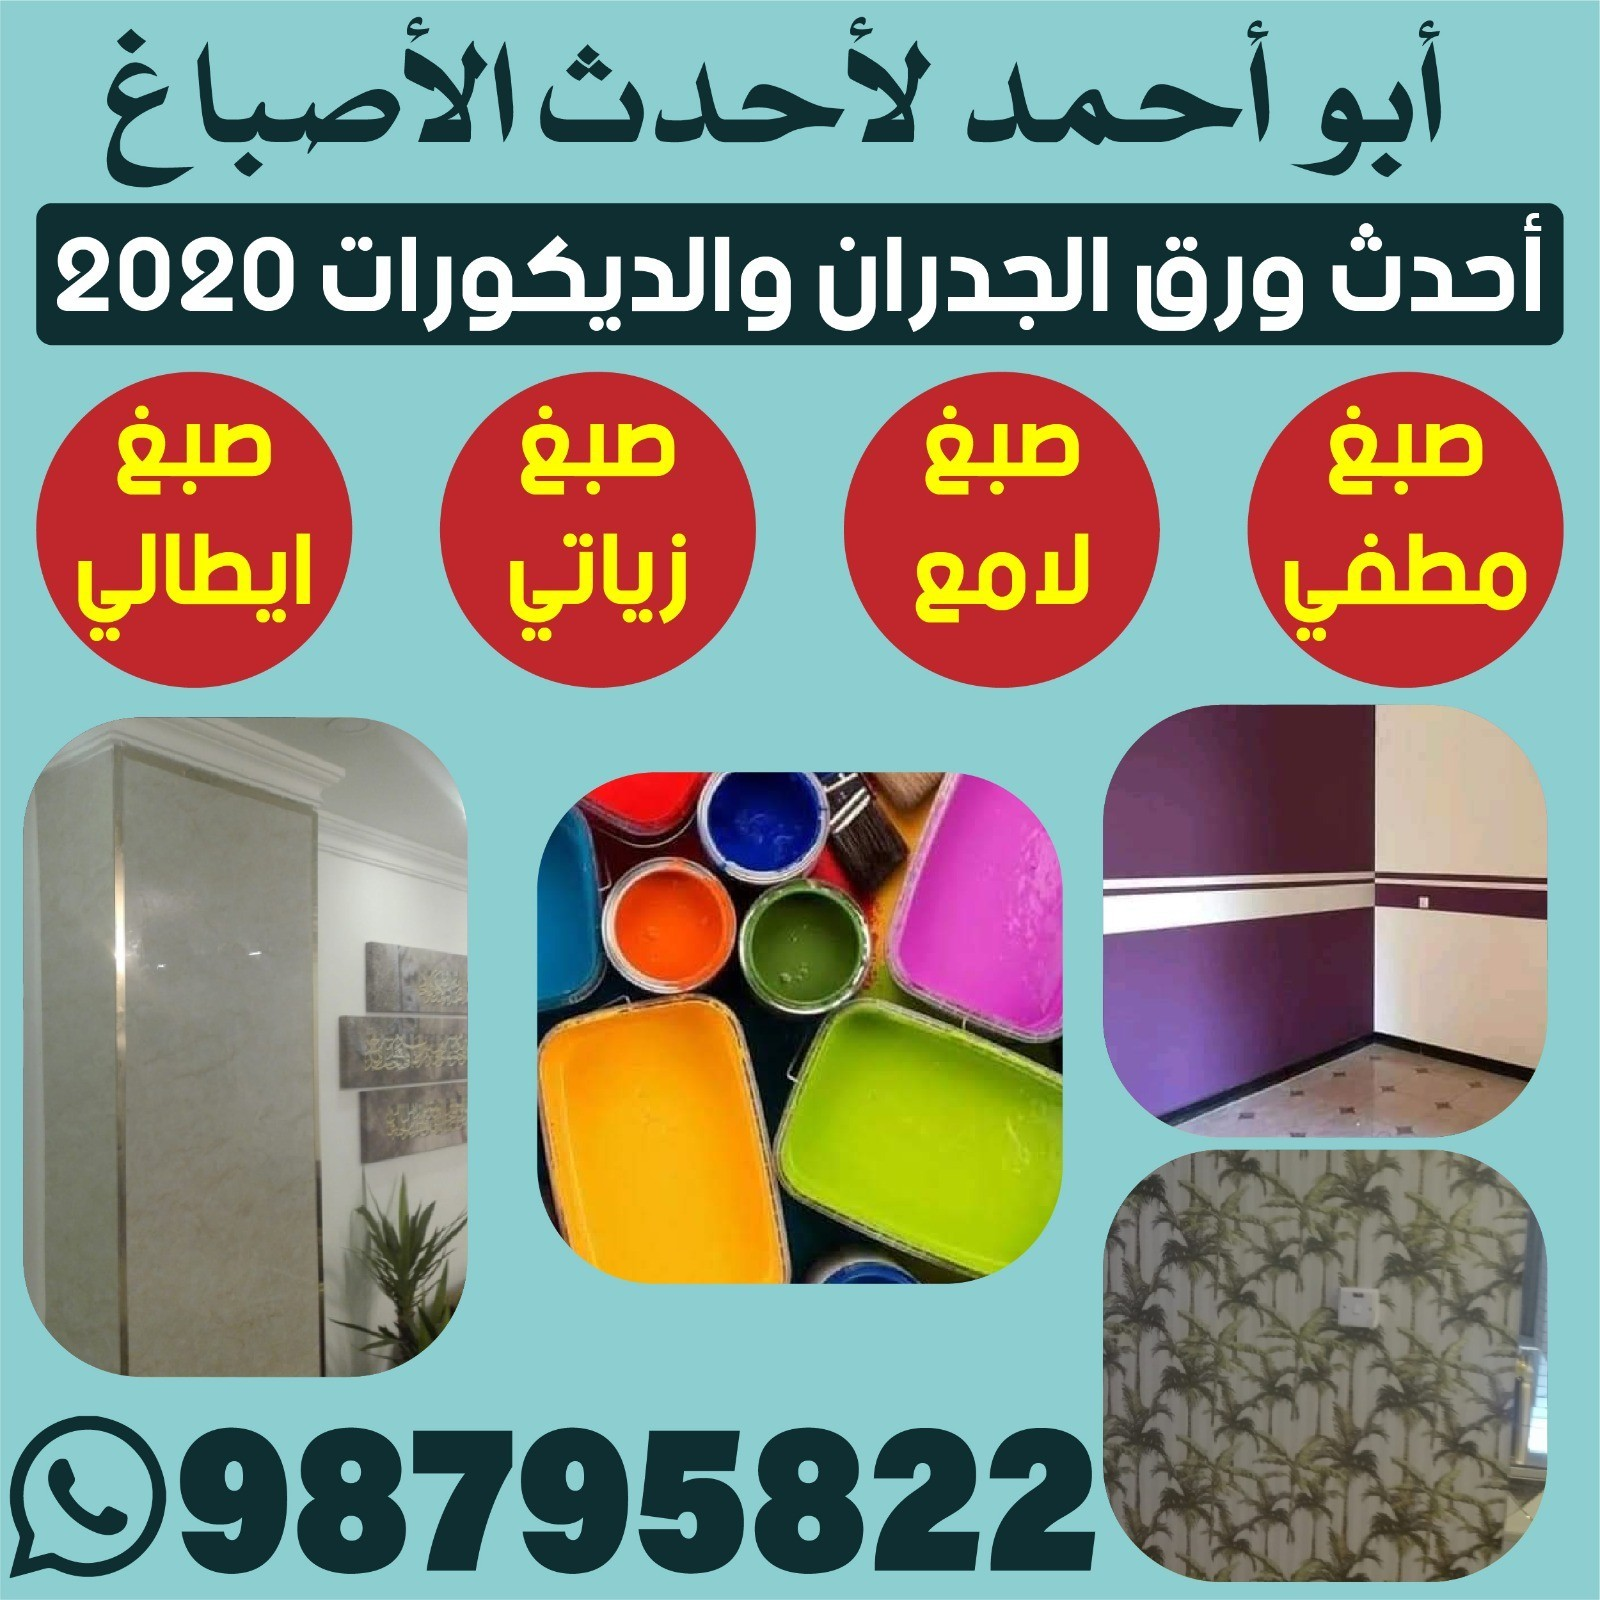 ابو احمد لاحدث الاصباغ والديكورات 98795822